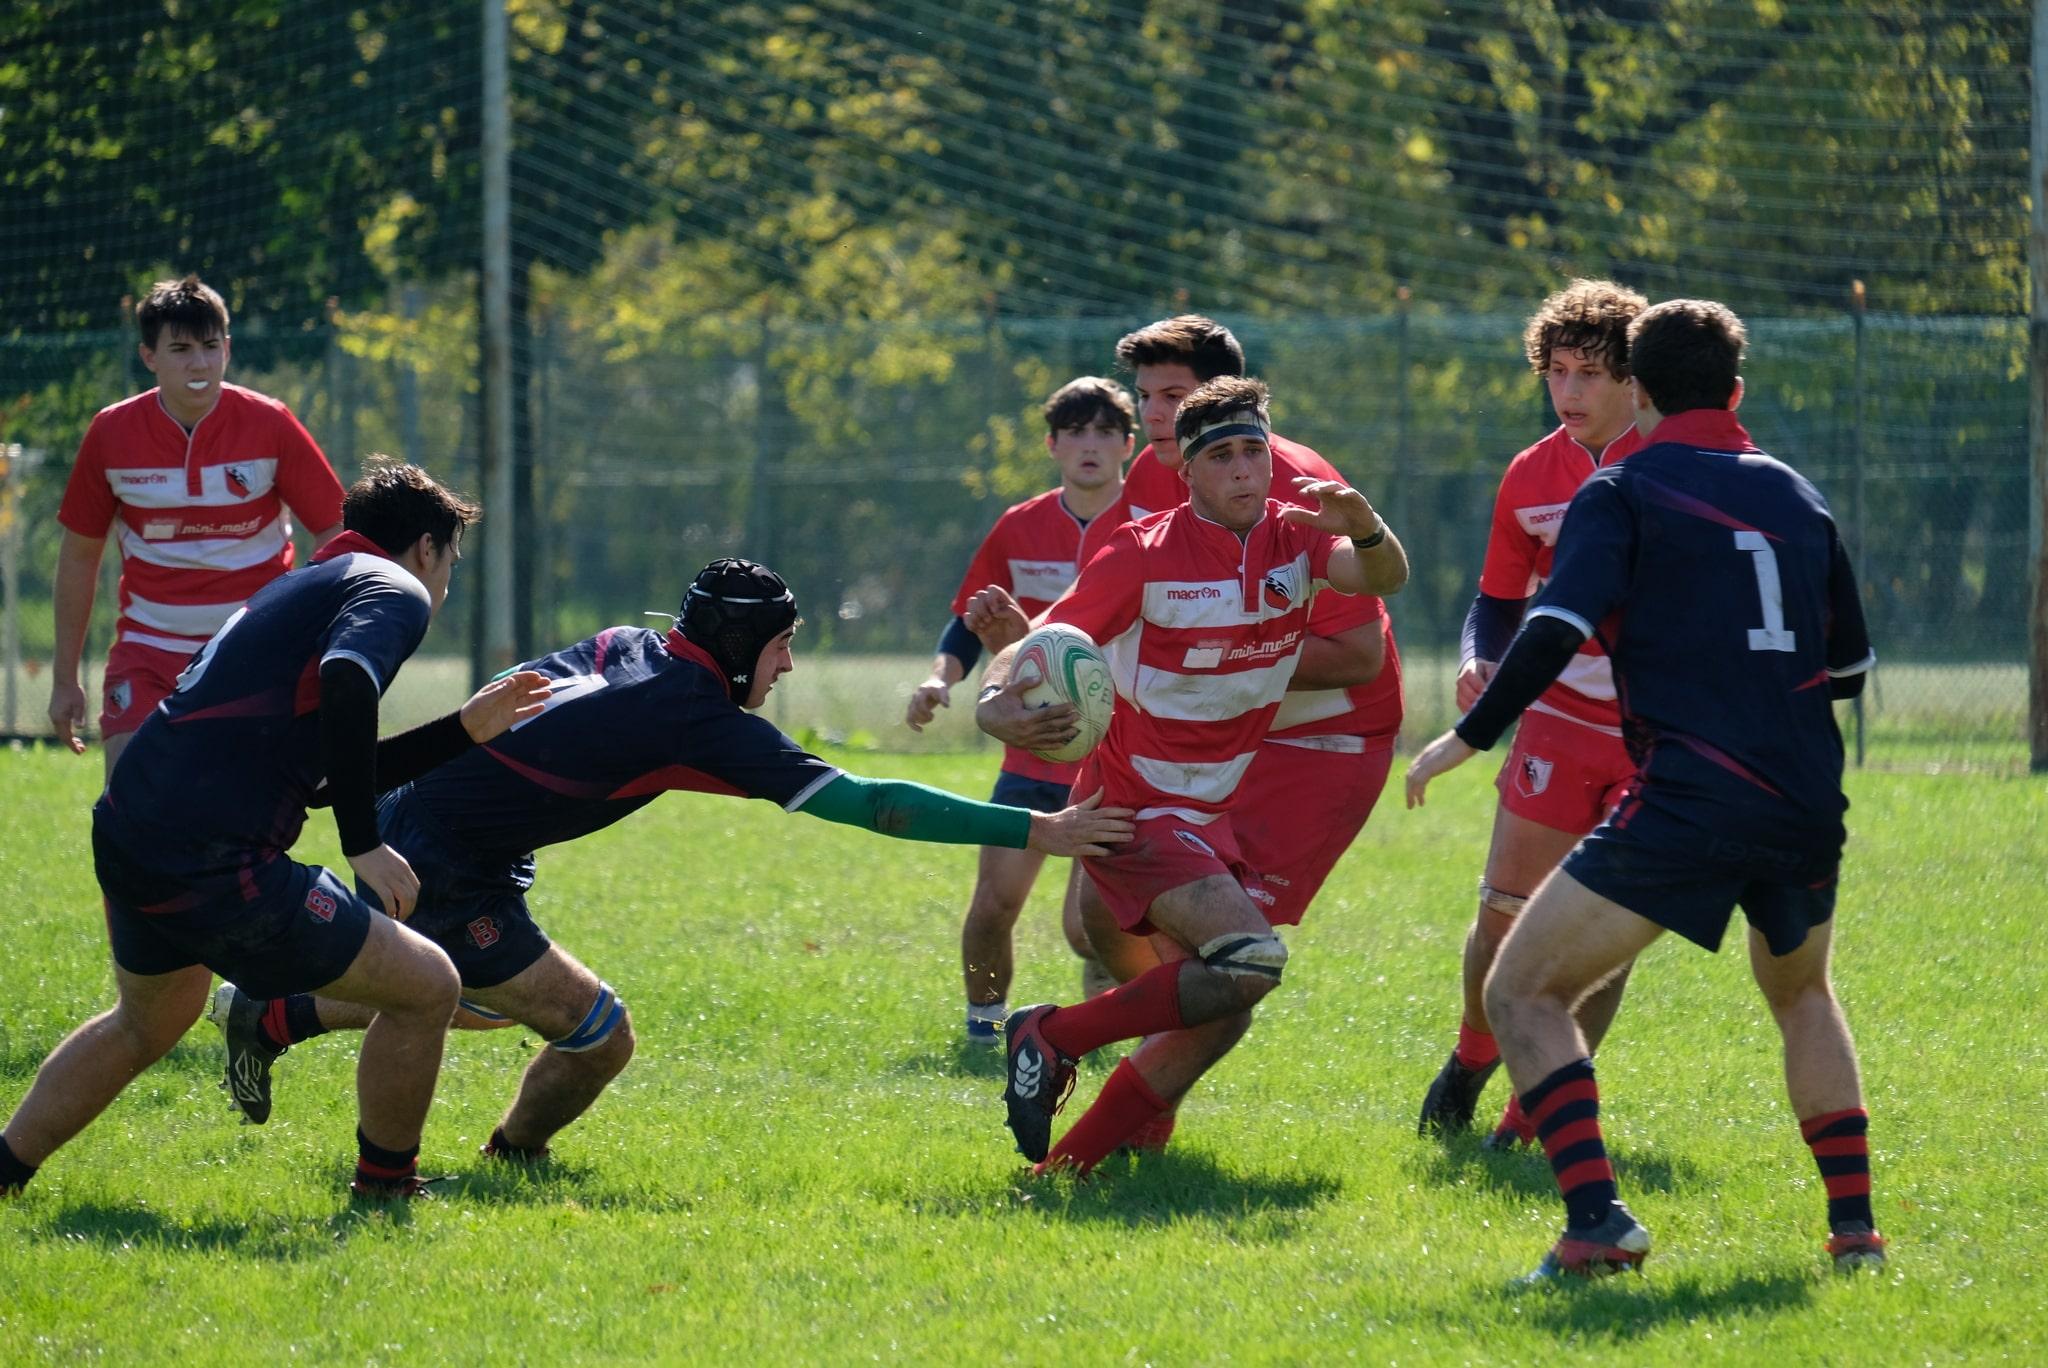 Rugby Carpi, i risultati delle giovanili